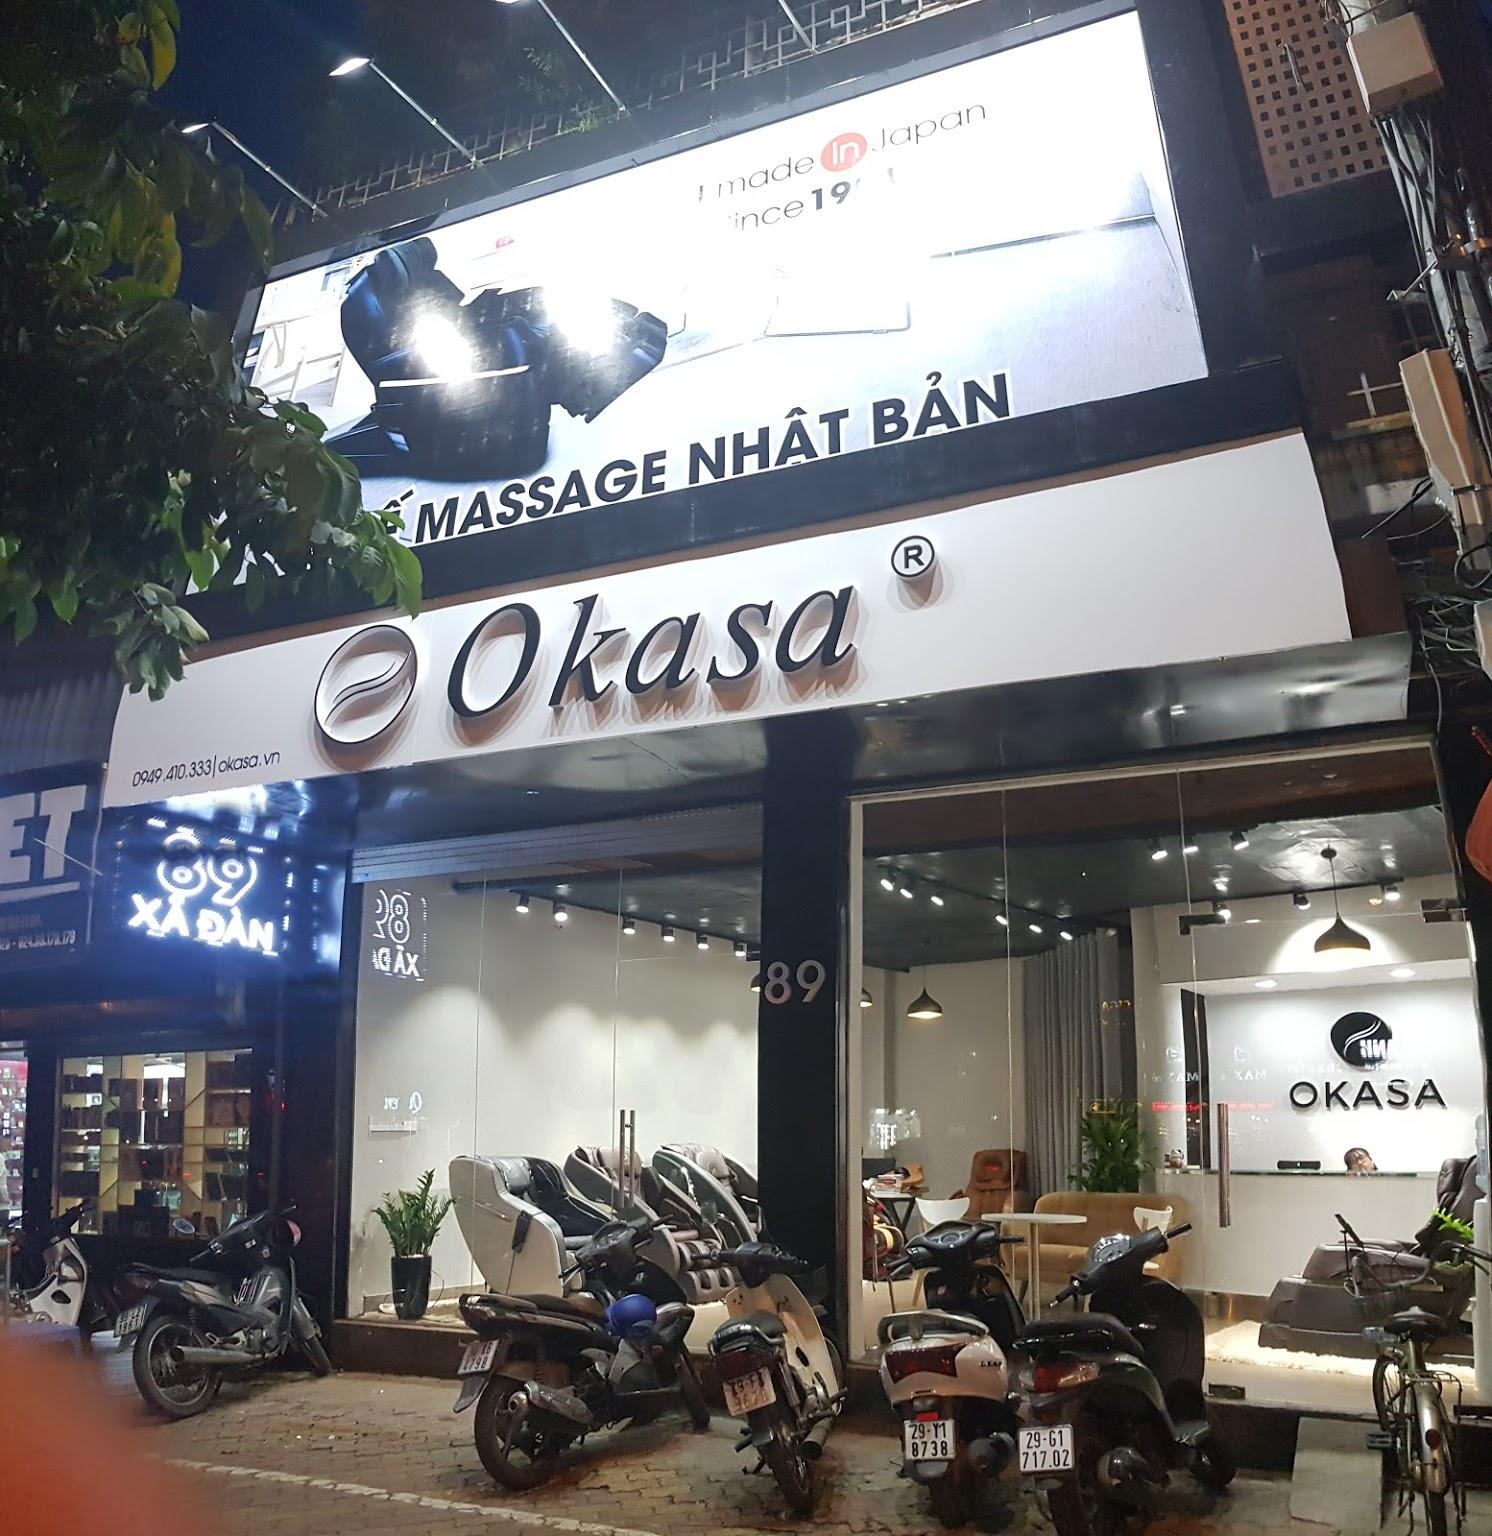 Bán ghế massage chính hãng cao cấp chất lượng ở Hà Nội, bảo hành dài hạn, bảo trì vô thời hạn